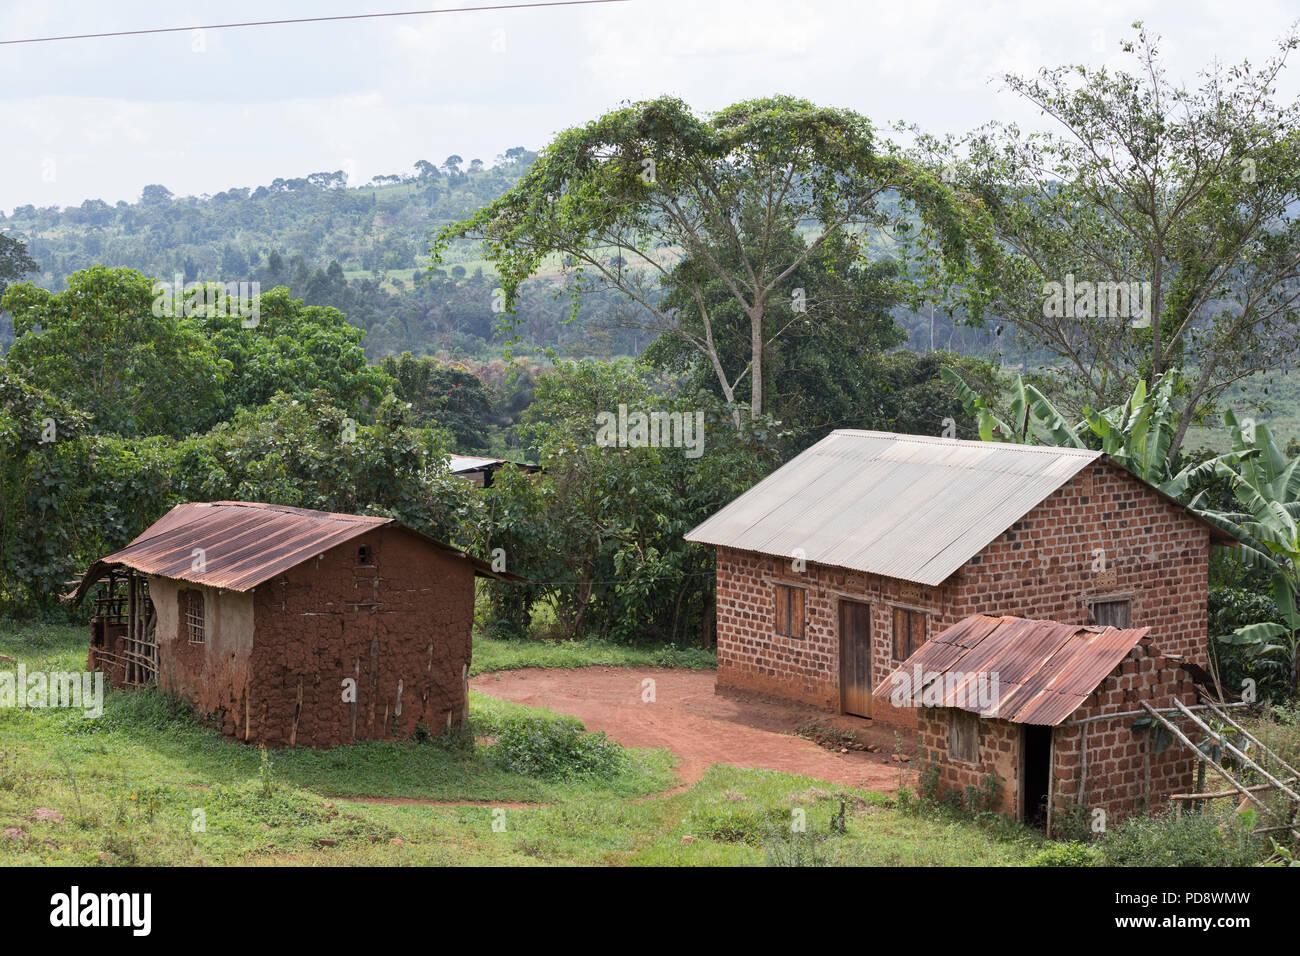 Rural village scene in Mukono District, Uganda. - Stock Image